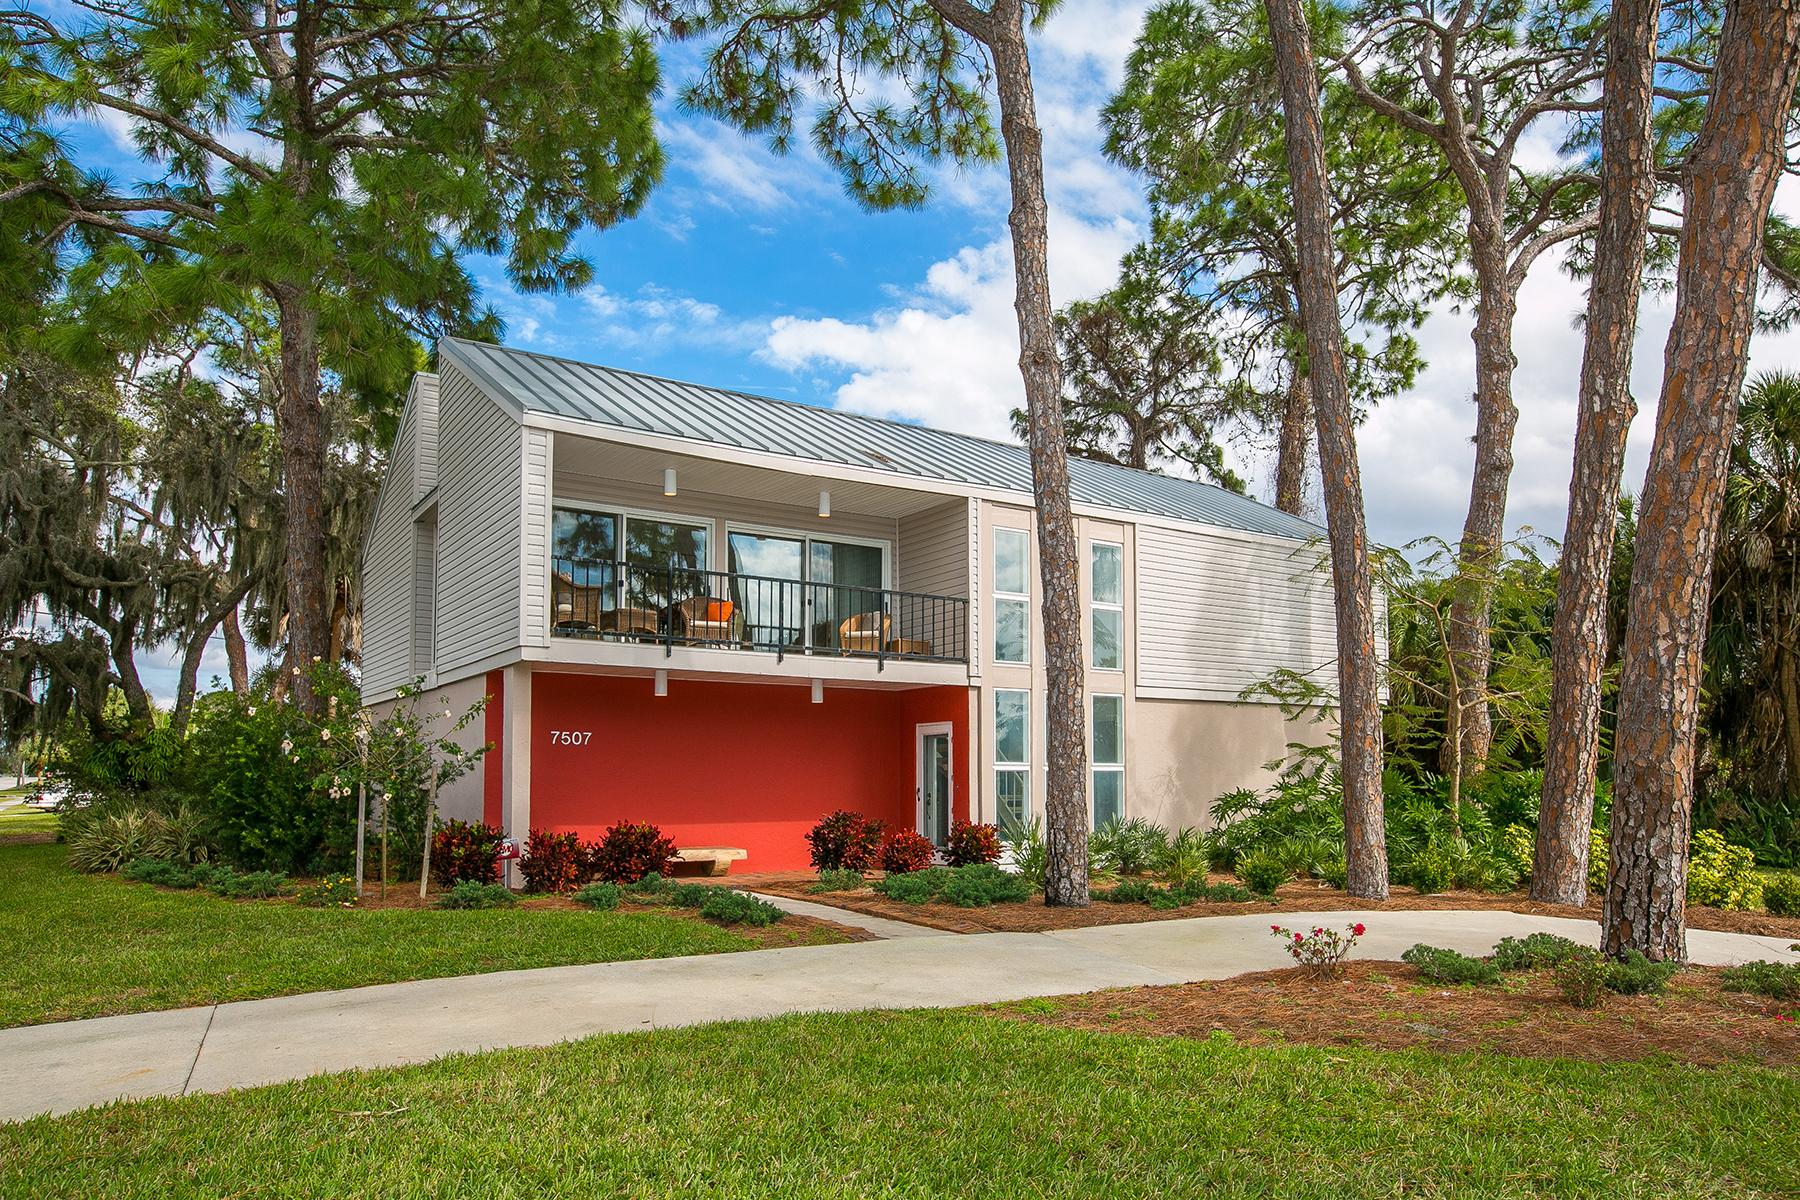 Maison unifamiliale pour l Vente à WHITFIELD ESTATES 7507 Westmoreland Dr Sarasota, Florida, 34243 États-Unis